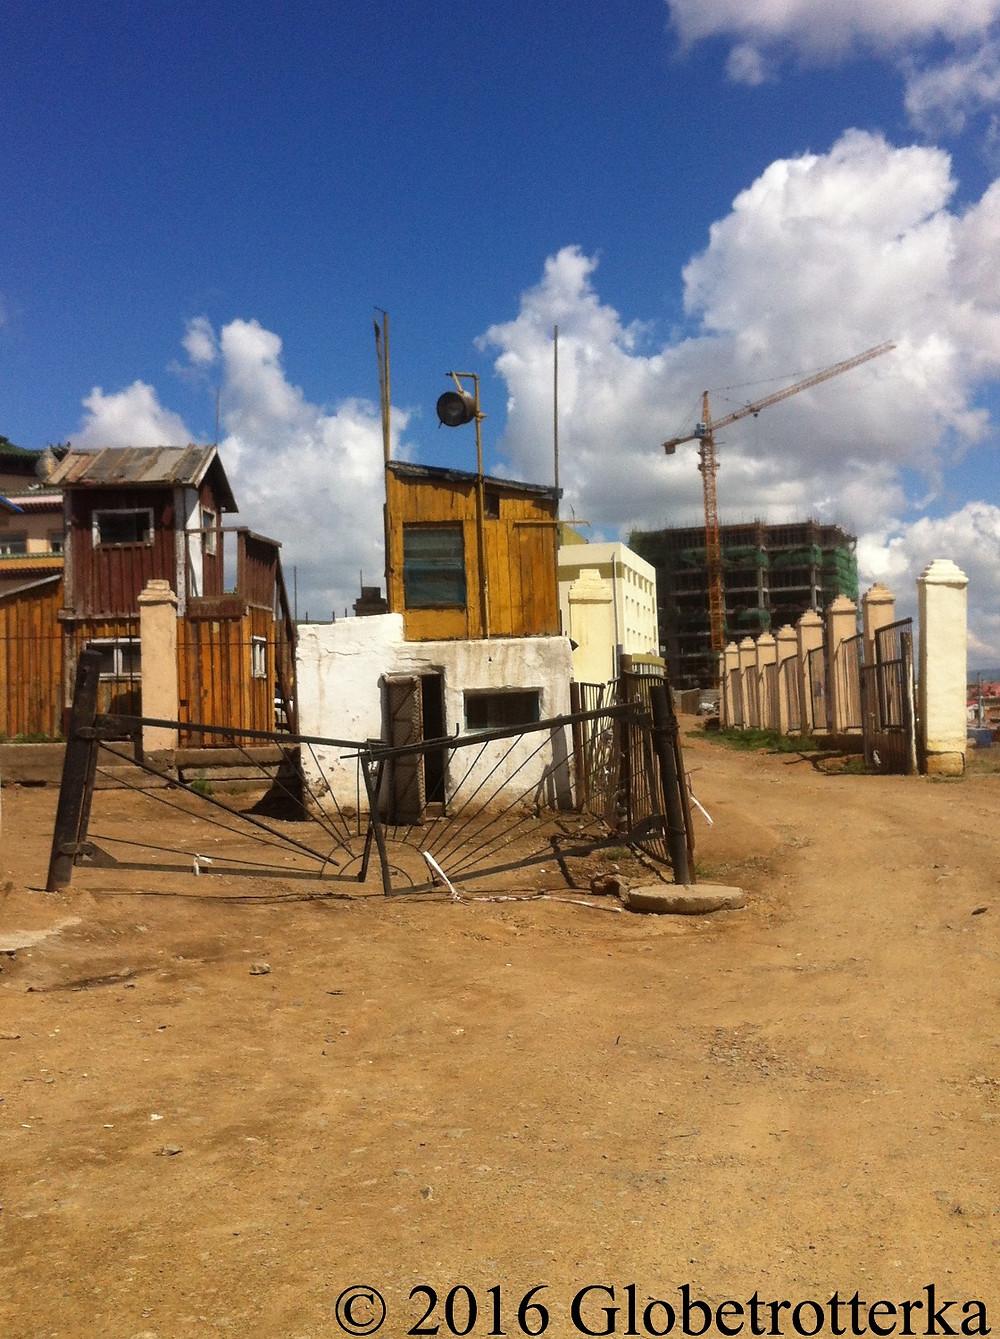 Une partie du bidonville d'Oulan Bator © 2016 Globetrotterka